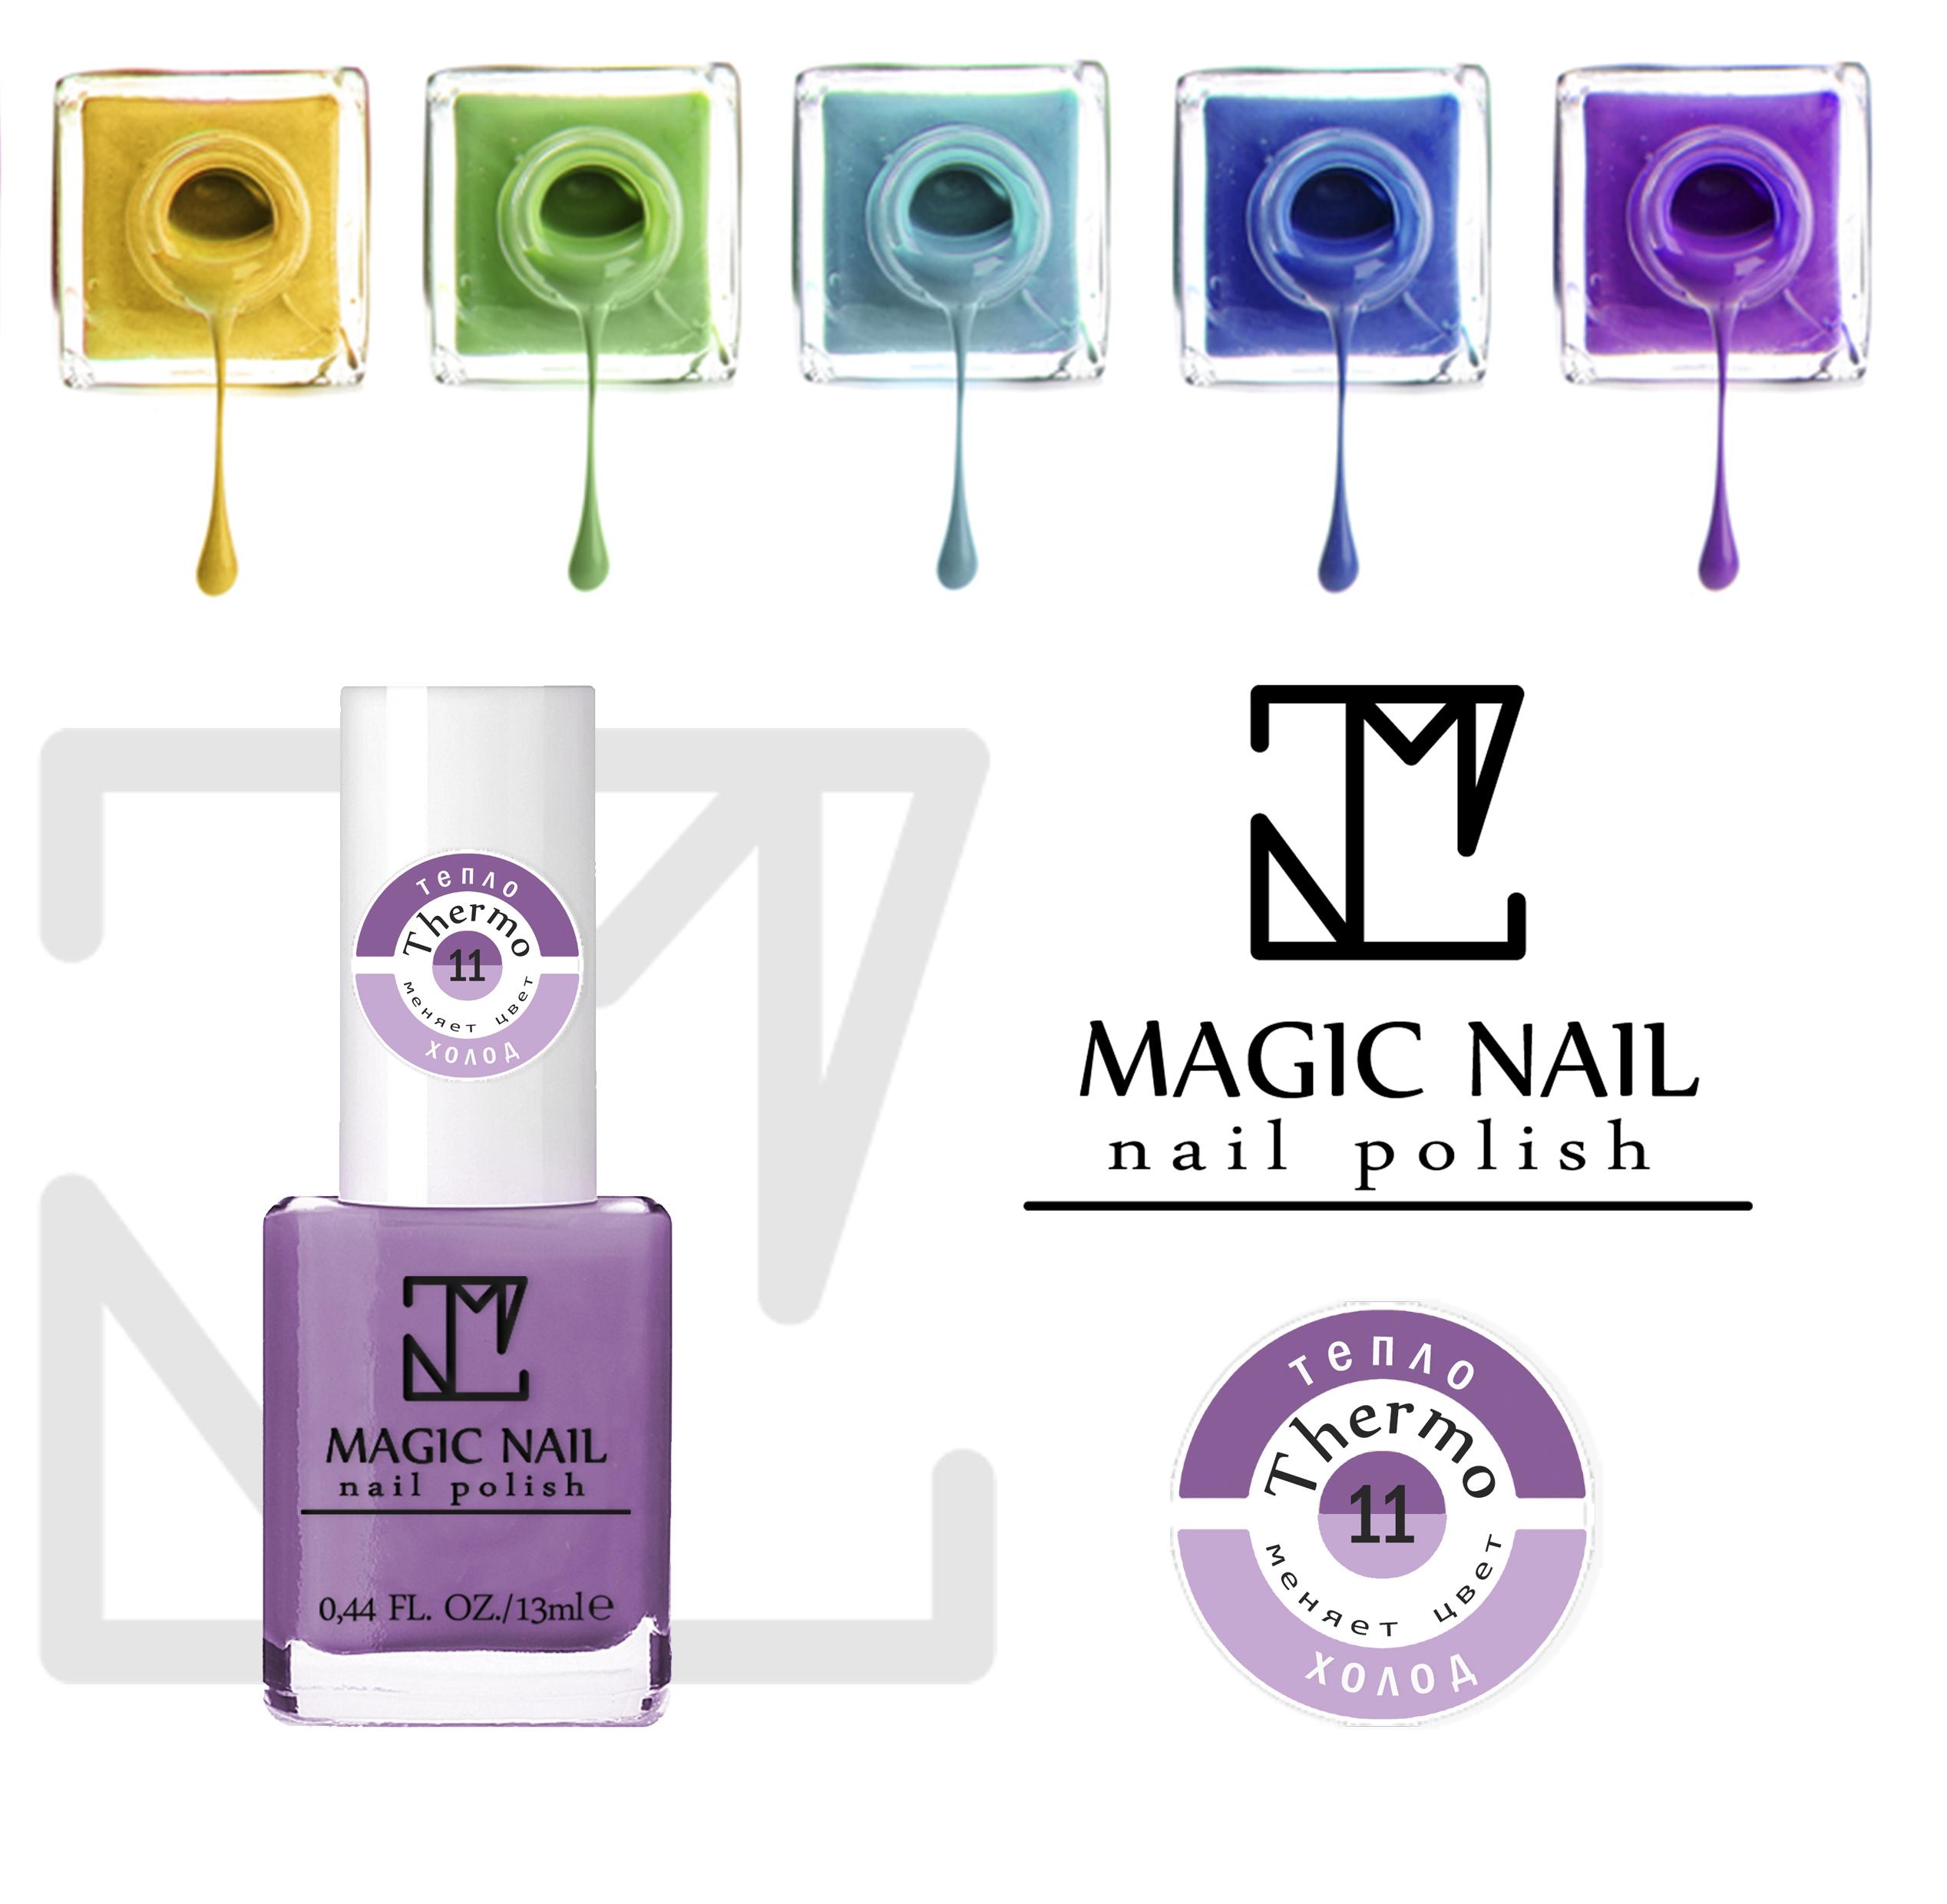 Дизайн этикетки лака для ногтей и логотип! фото f_4135a0eb848e12a9.jpg